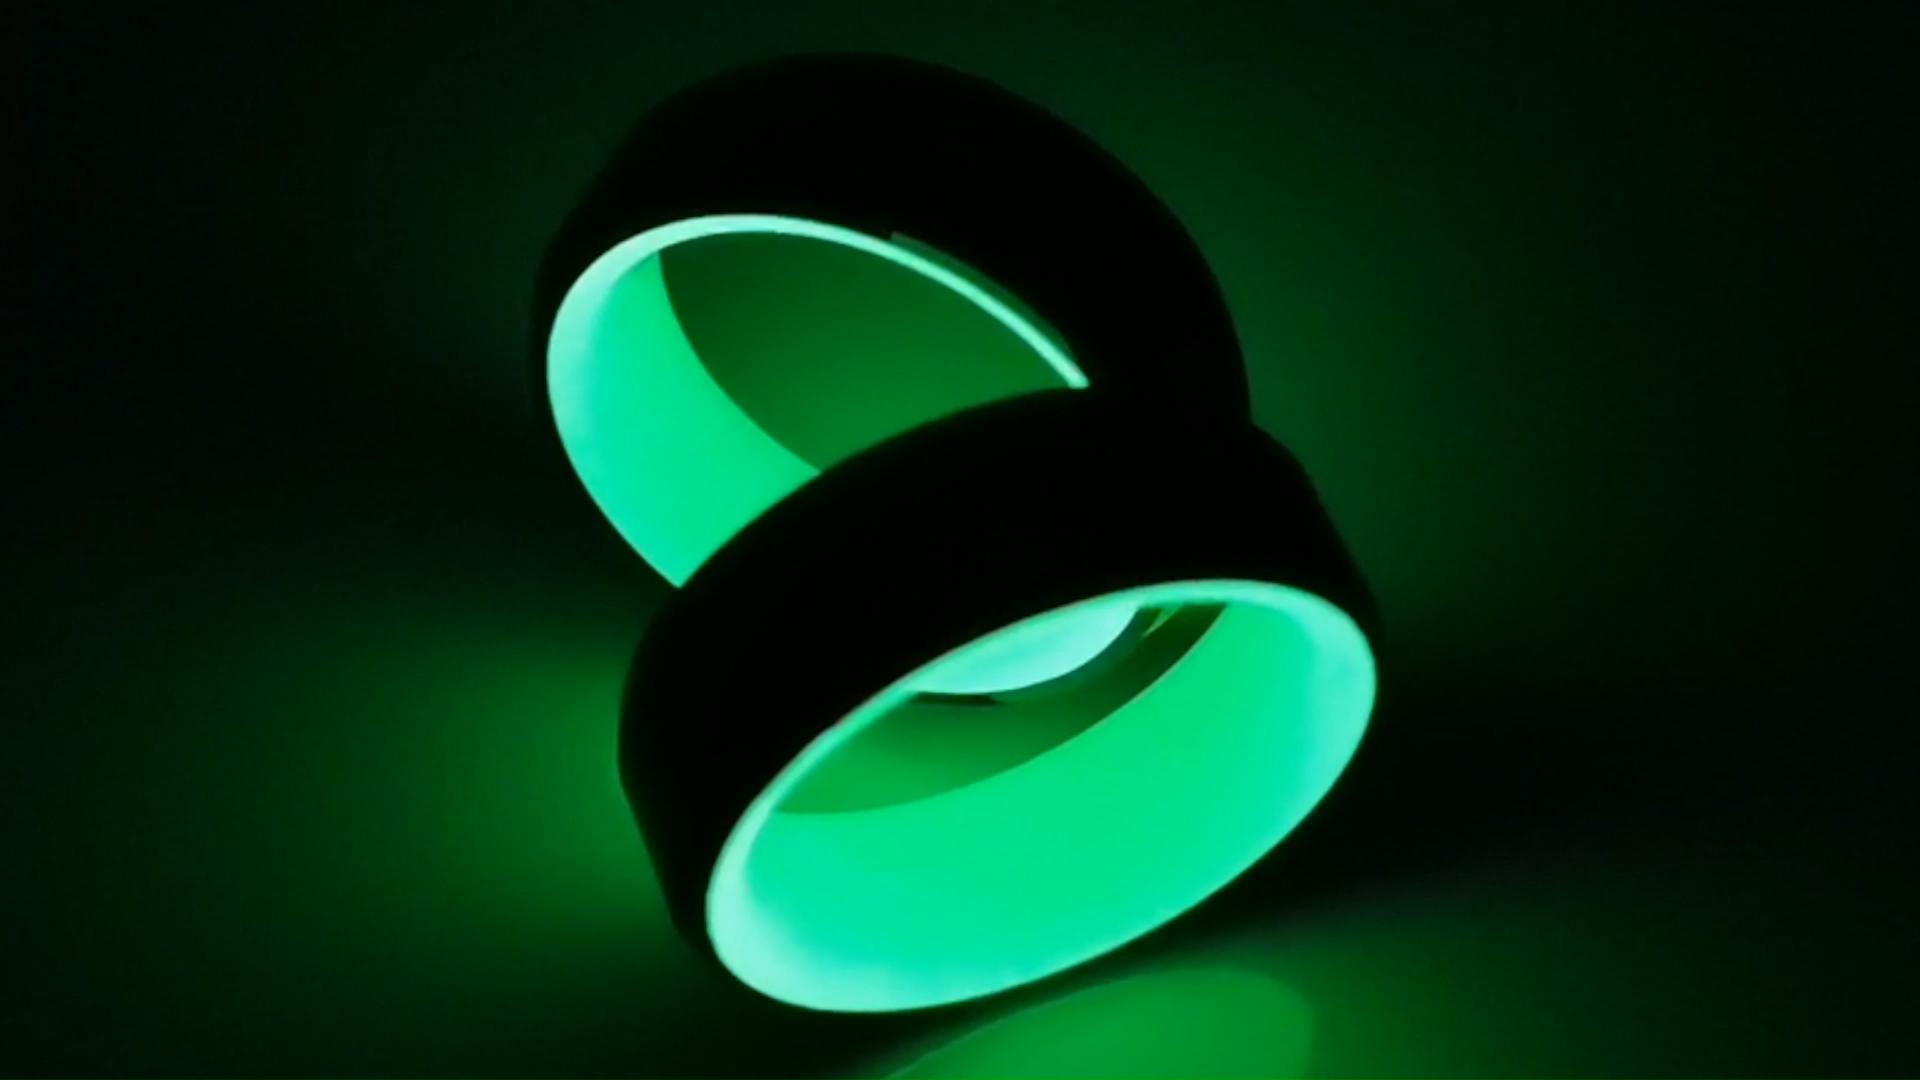 Người Đàn Ông Của Mát Tuyệt Vời Glow Ring Trong Bóng Tối